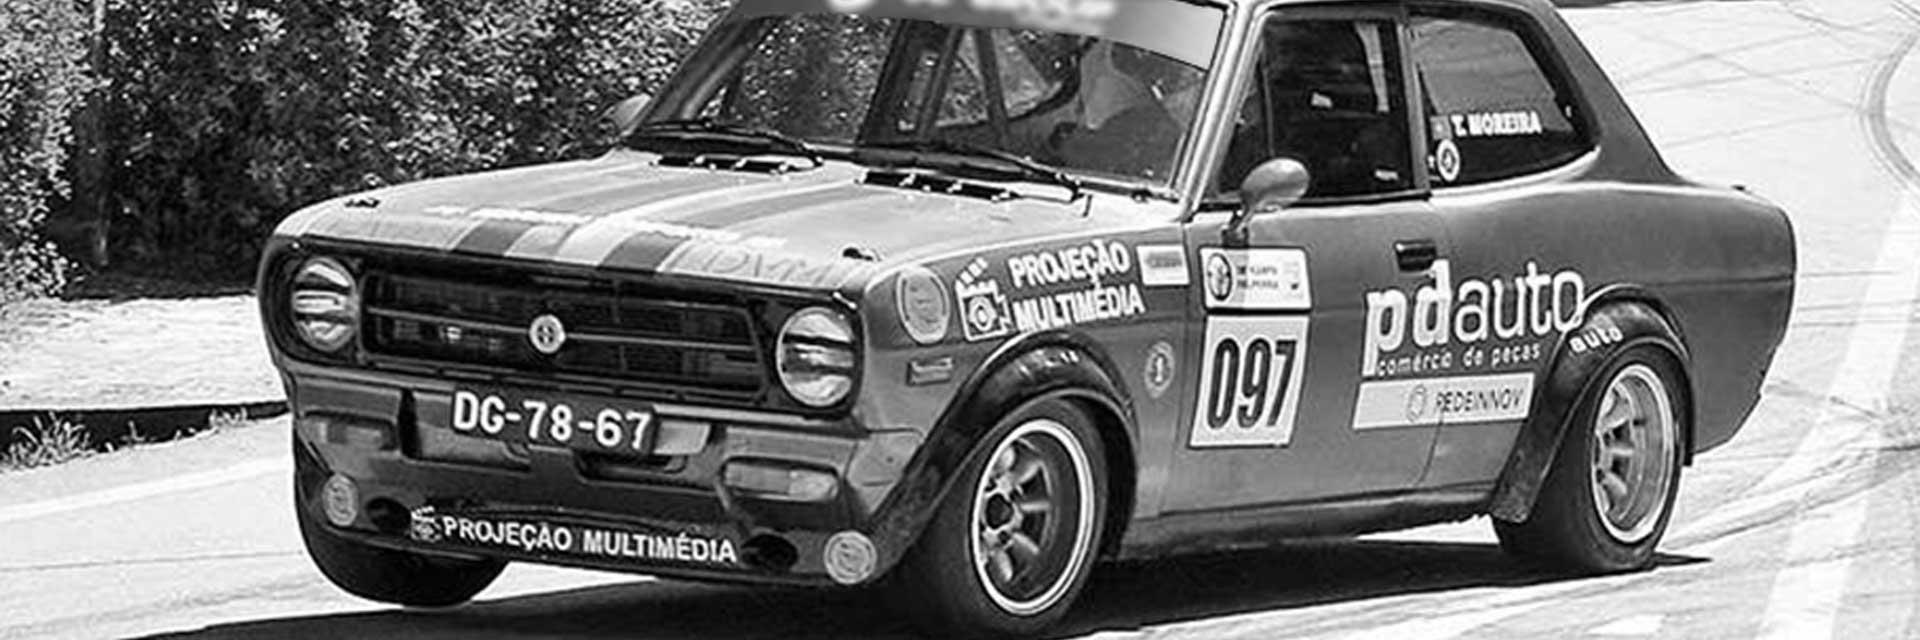 Tiago Moreira wins 1300 National Mountain Classic Race.